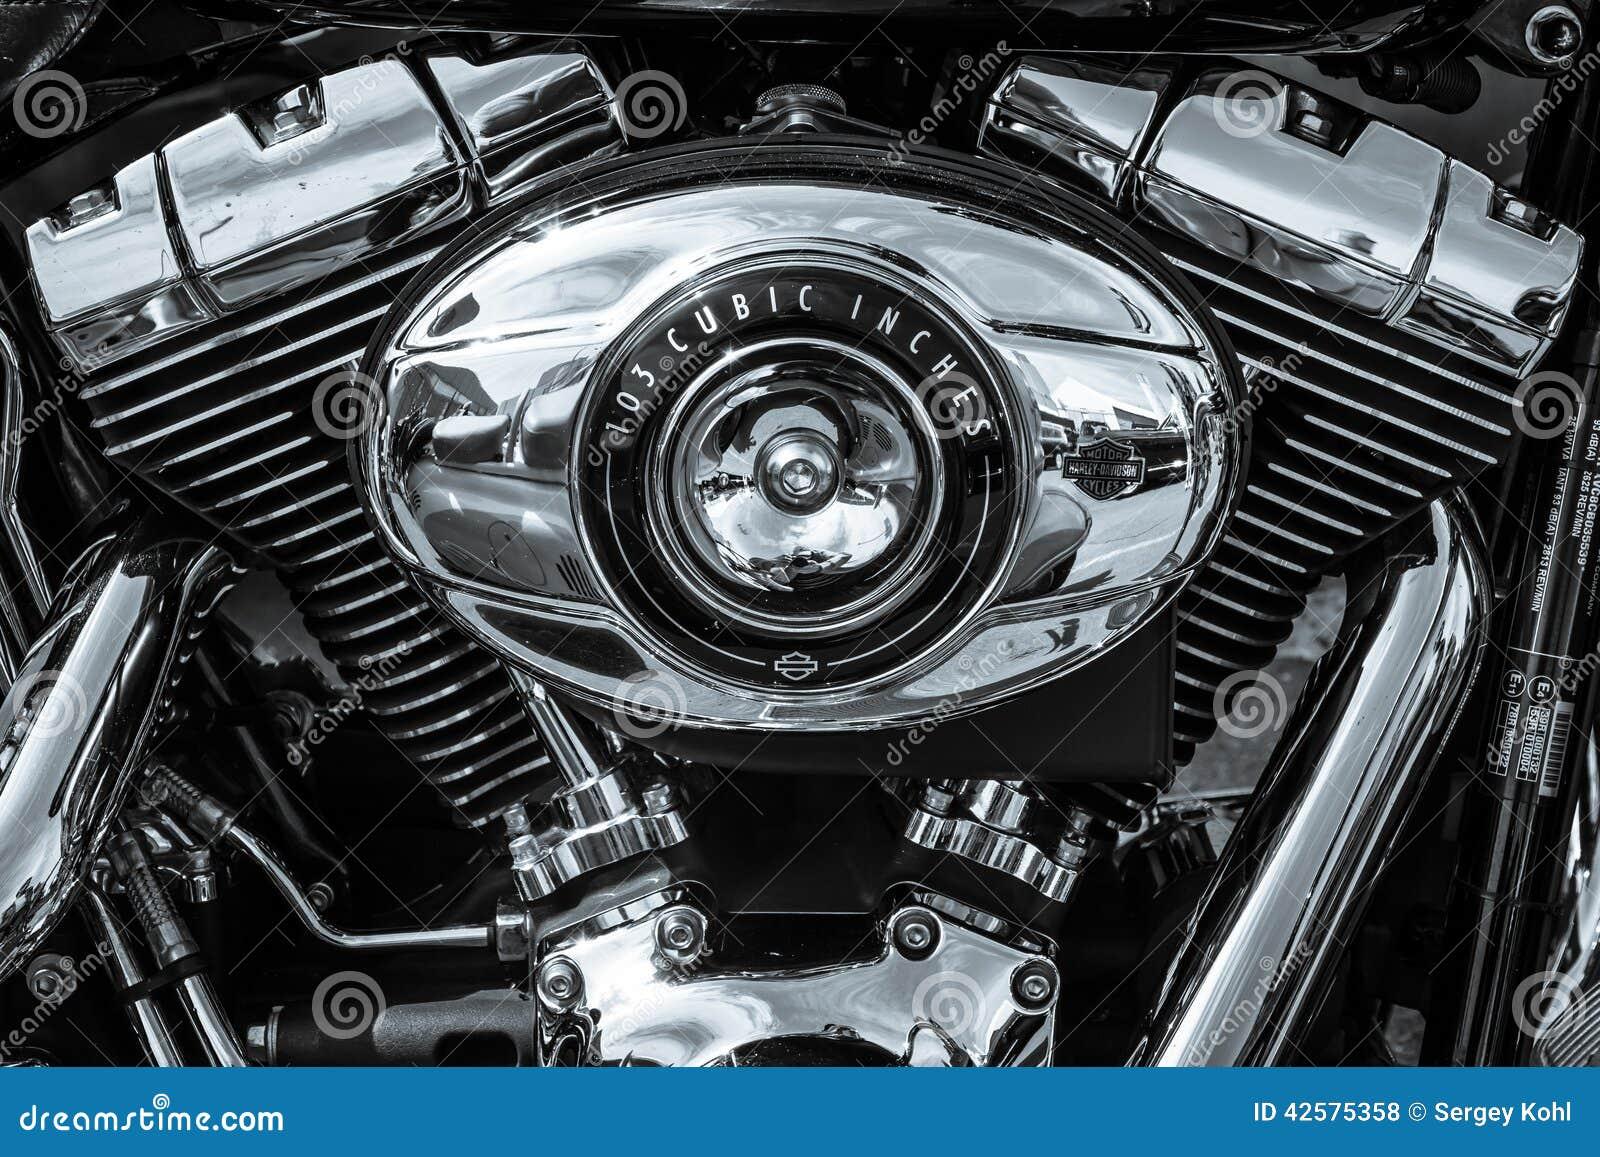 plan rapproch jumeau de moteur de la came 103 de moto harley davidson softail photo stock. Black Bedroom Furniture Sets. Home Design Ideas